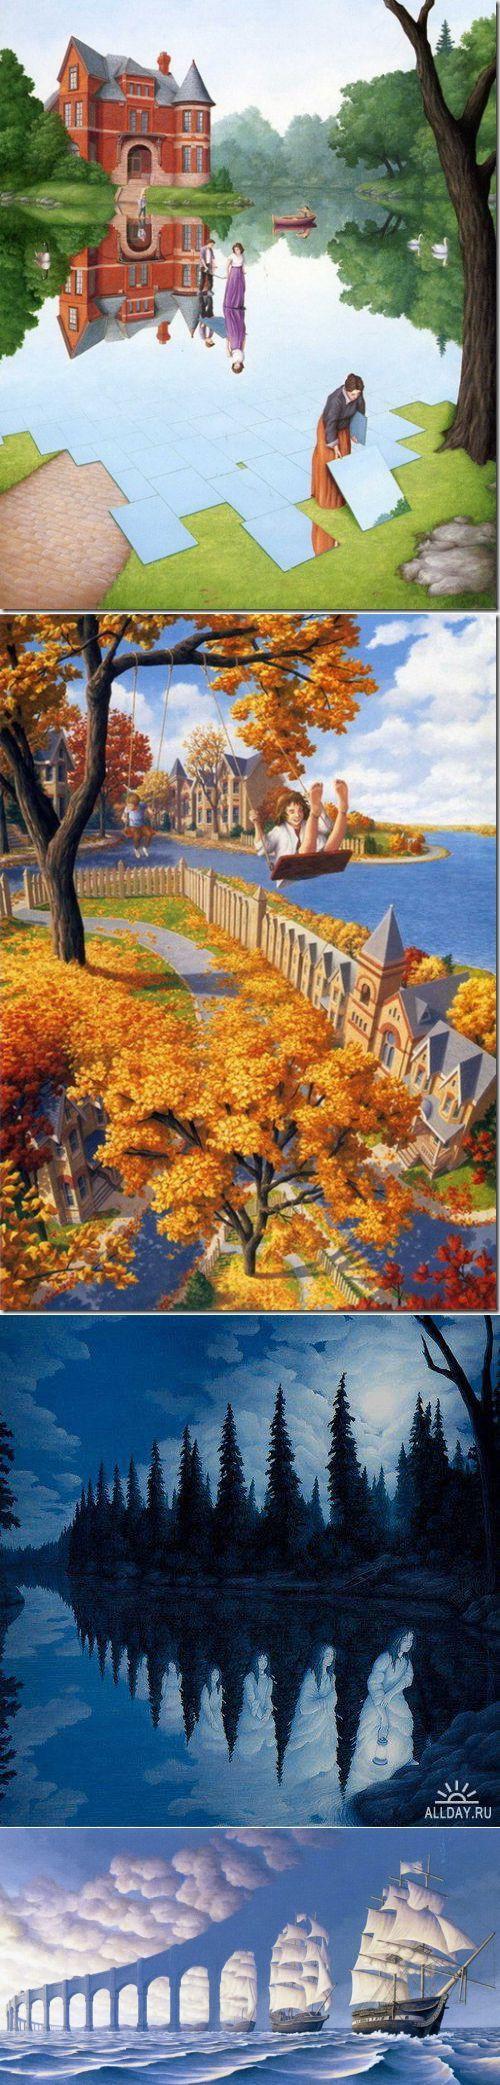 Иллюзии Роба Гонсалвеса | искусство | Постила